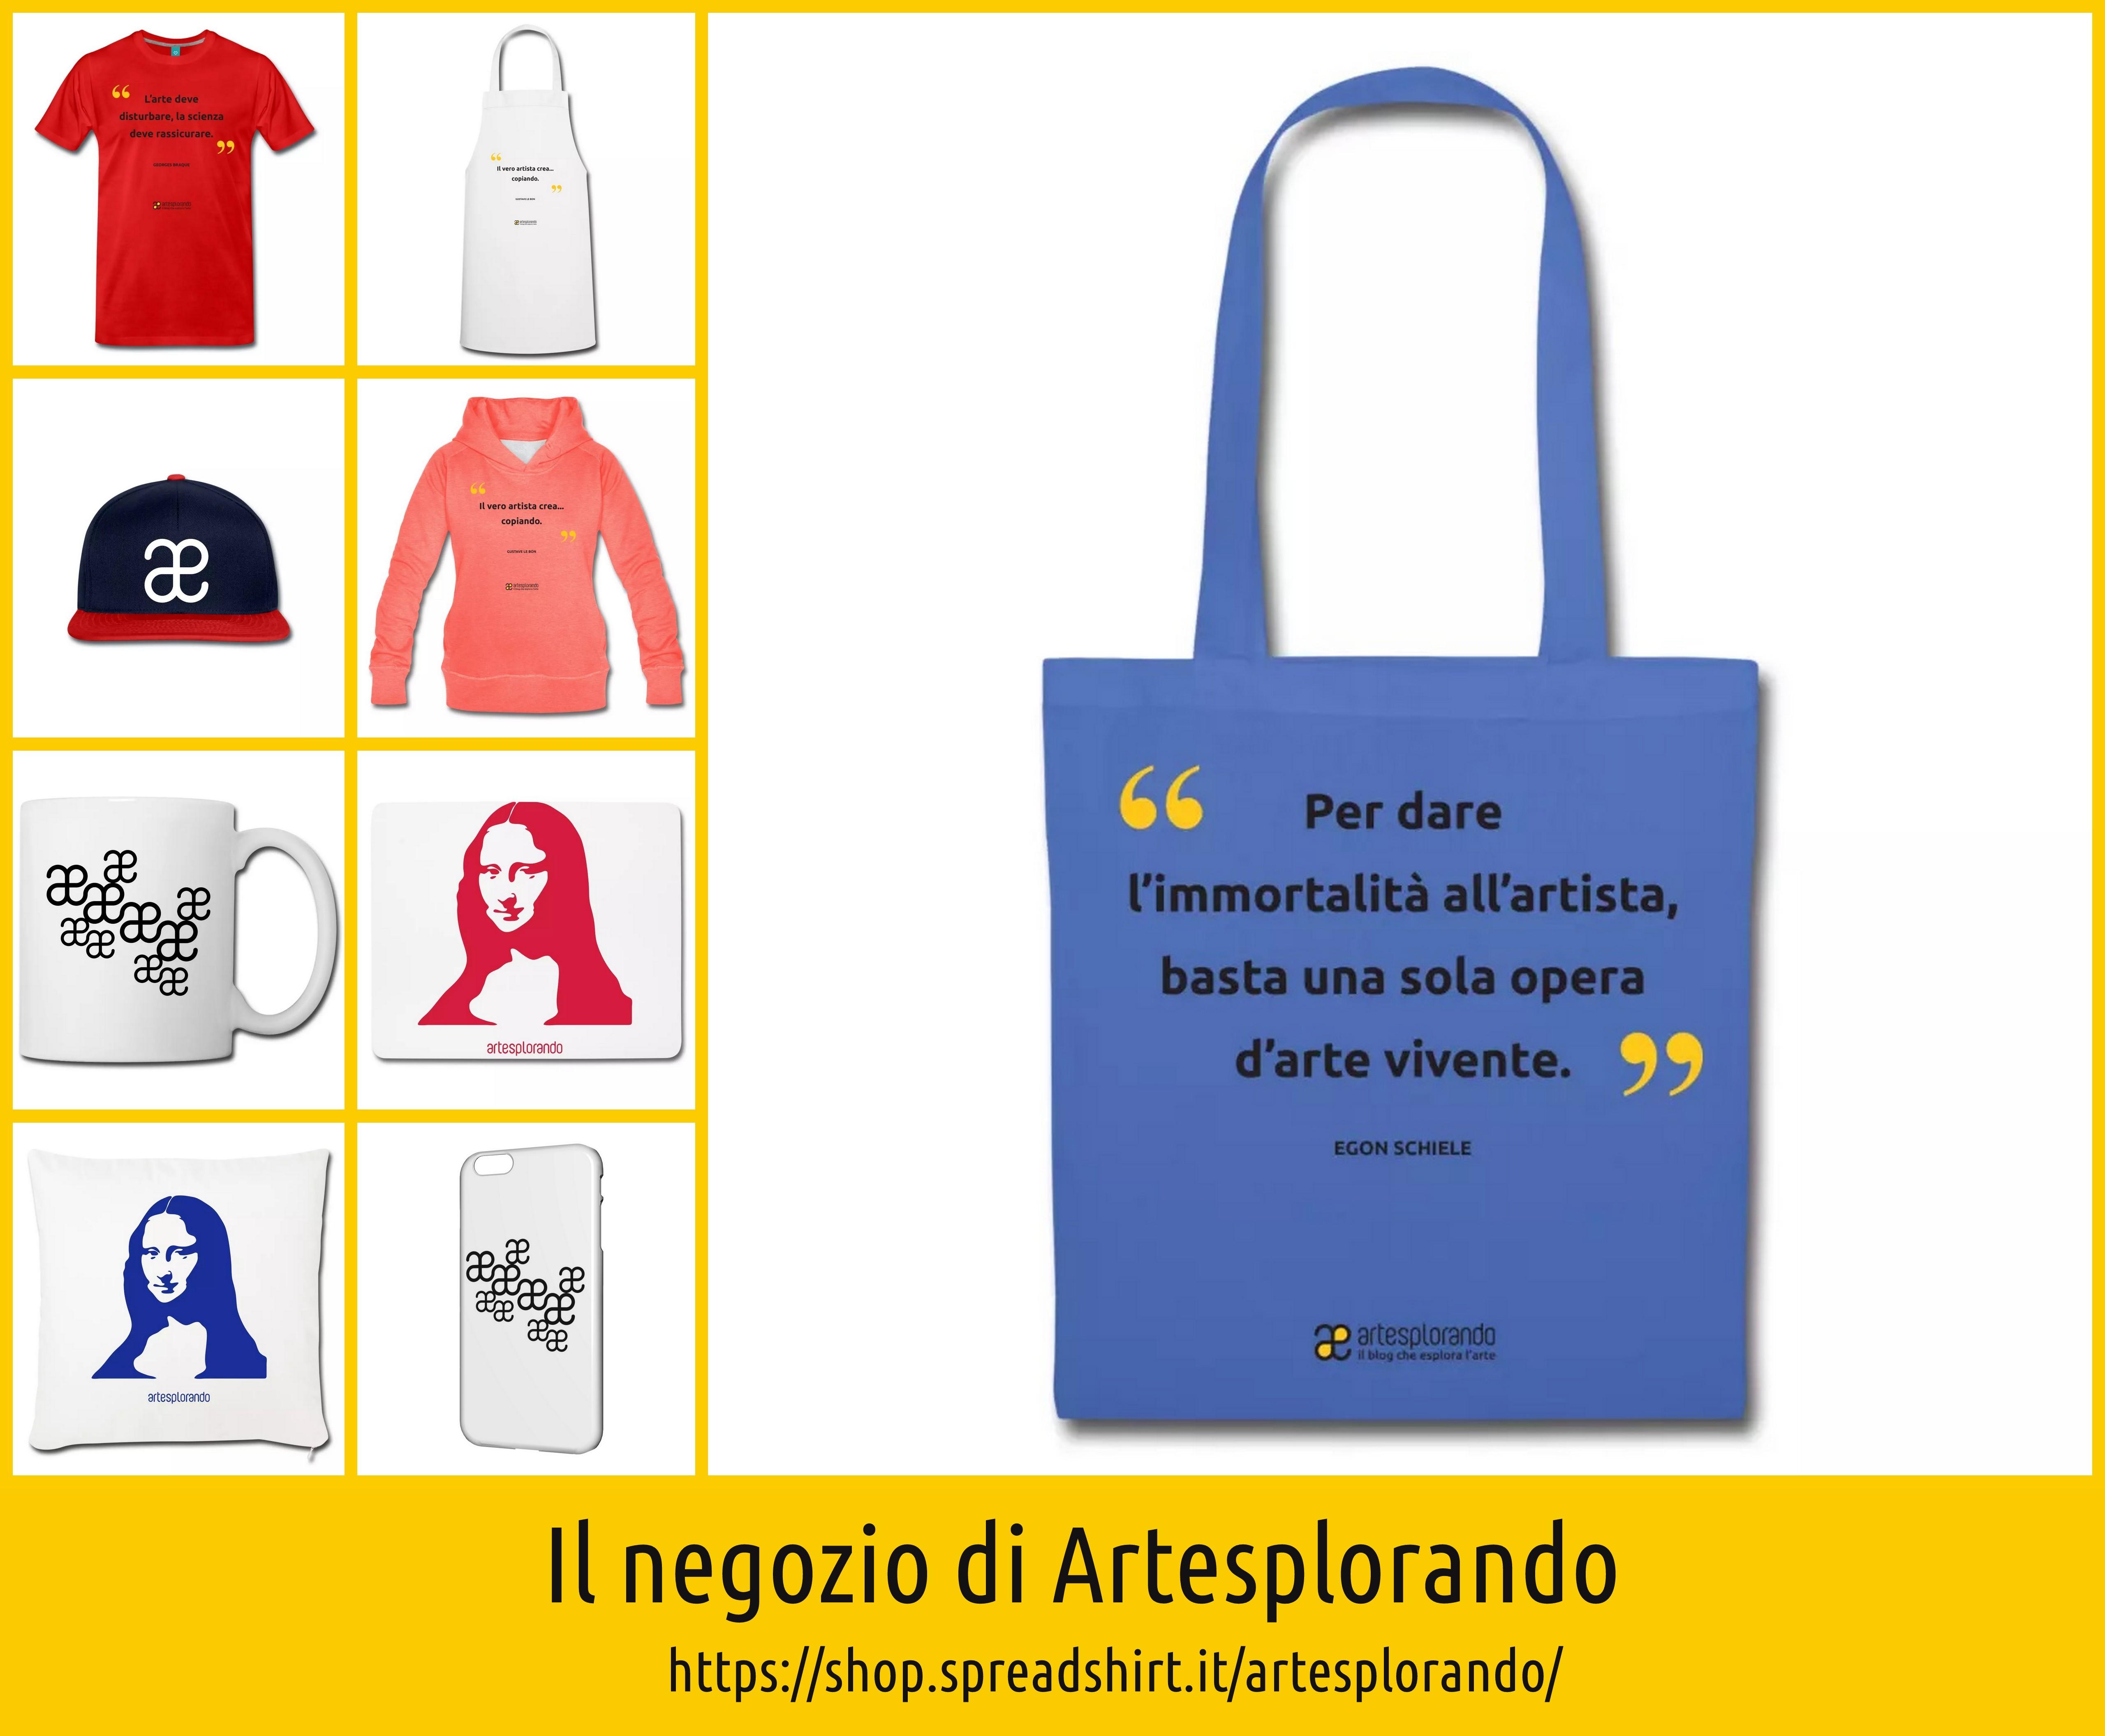 Il negozio di Artesplorando